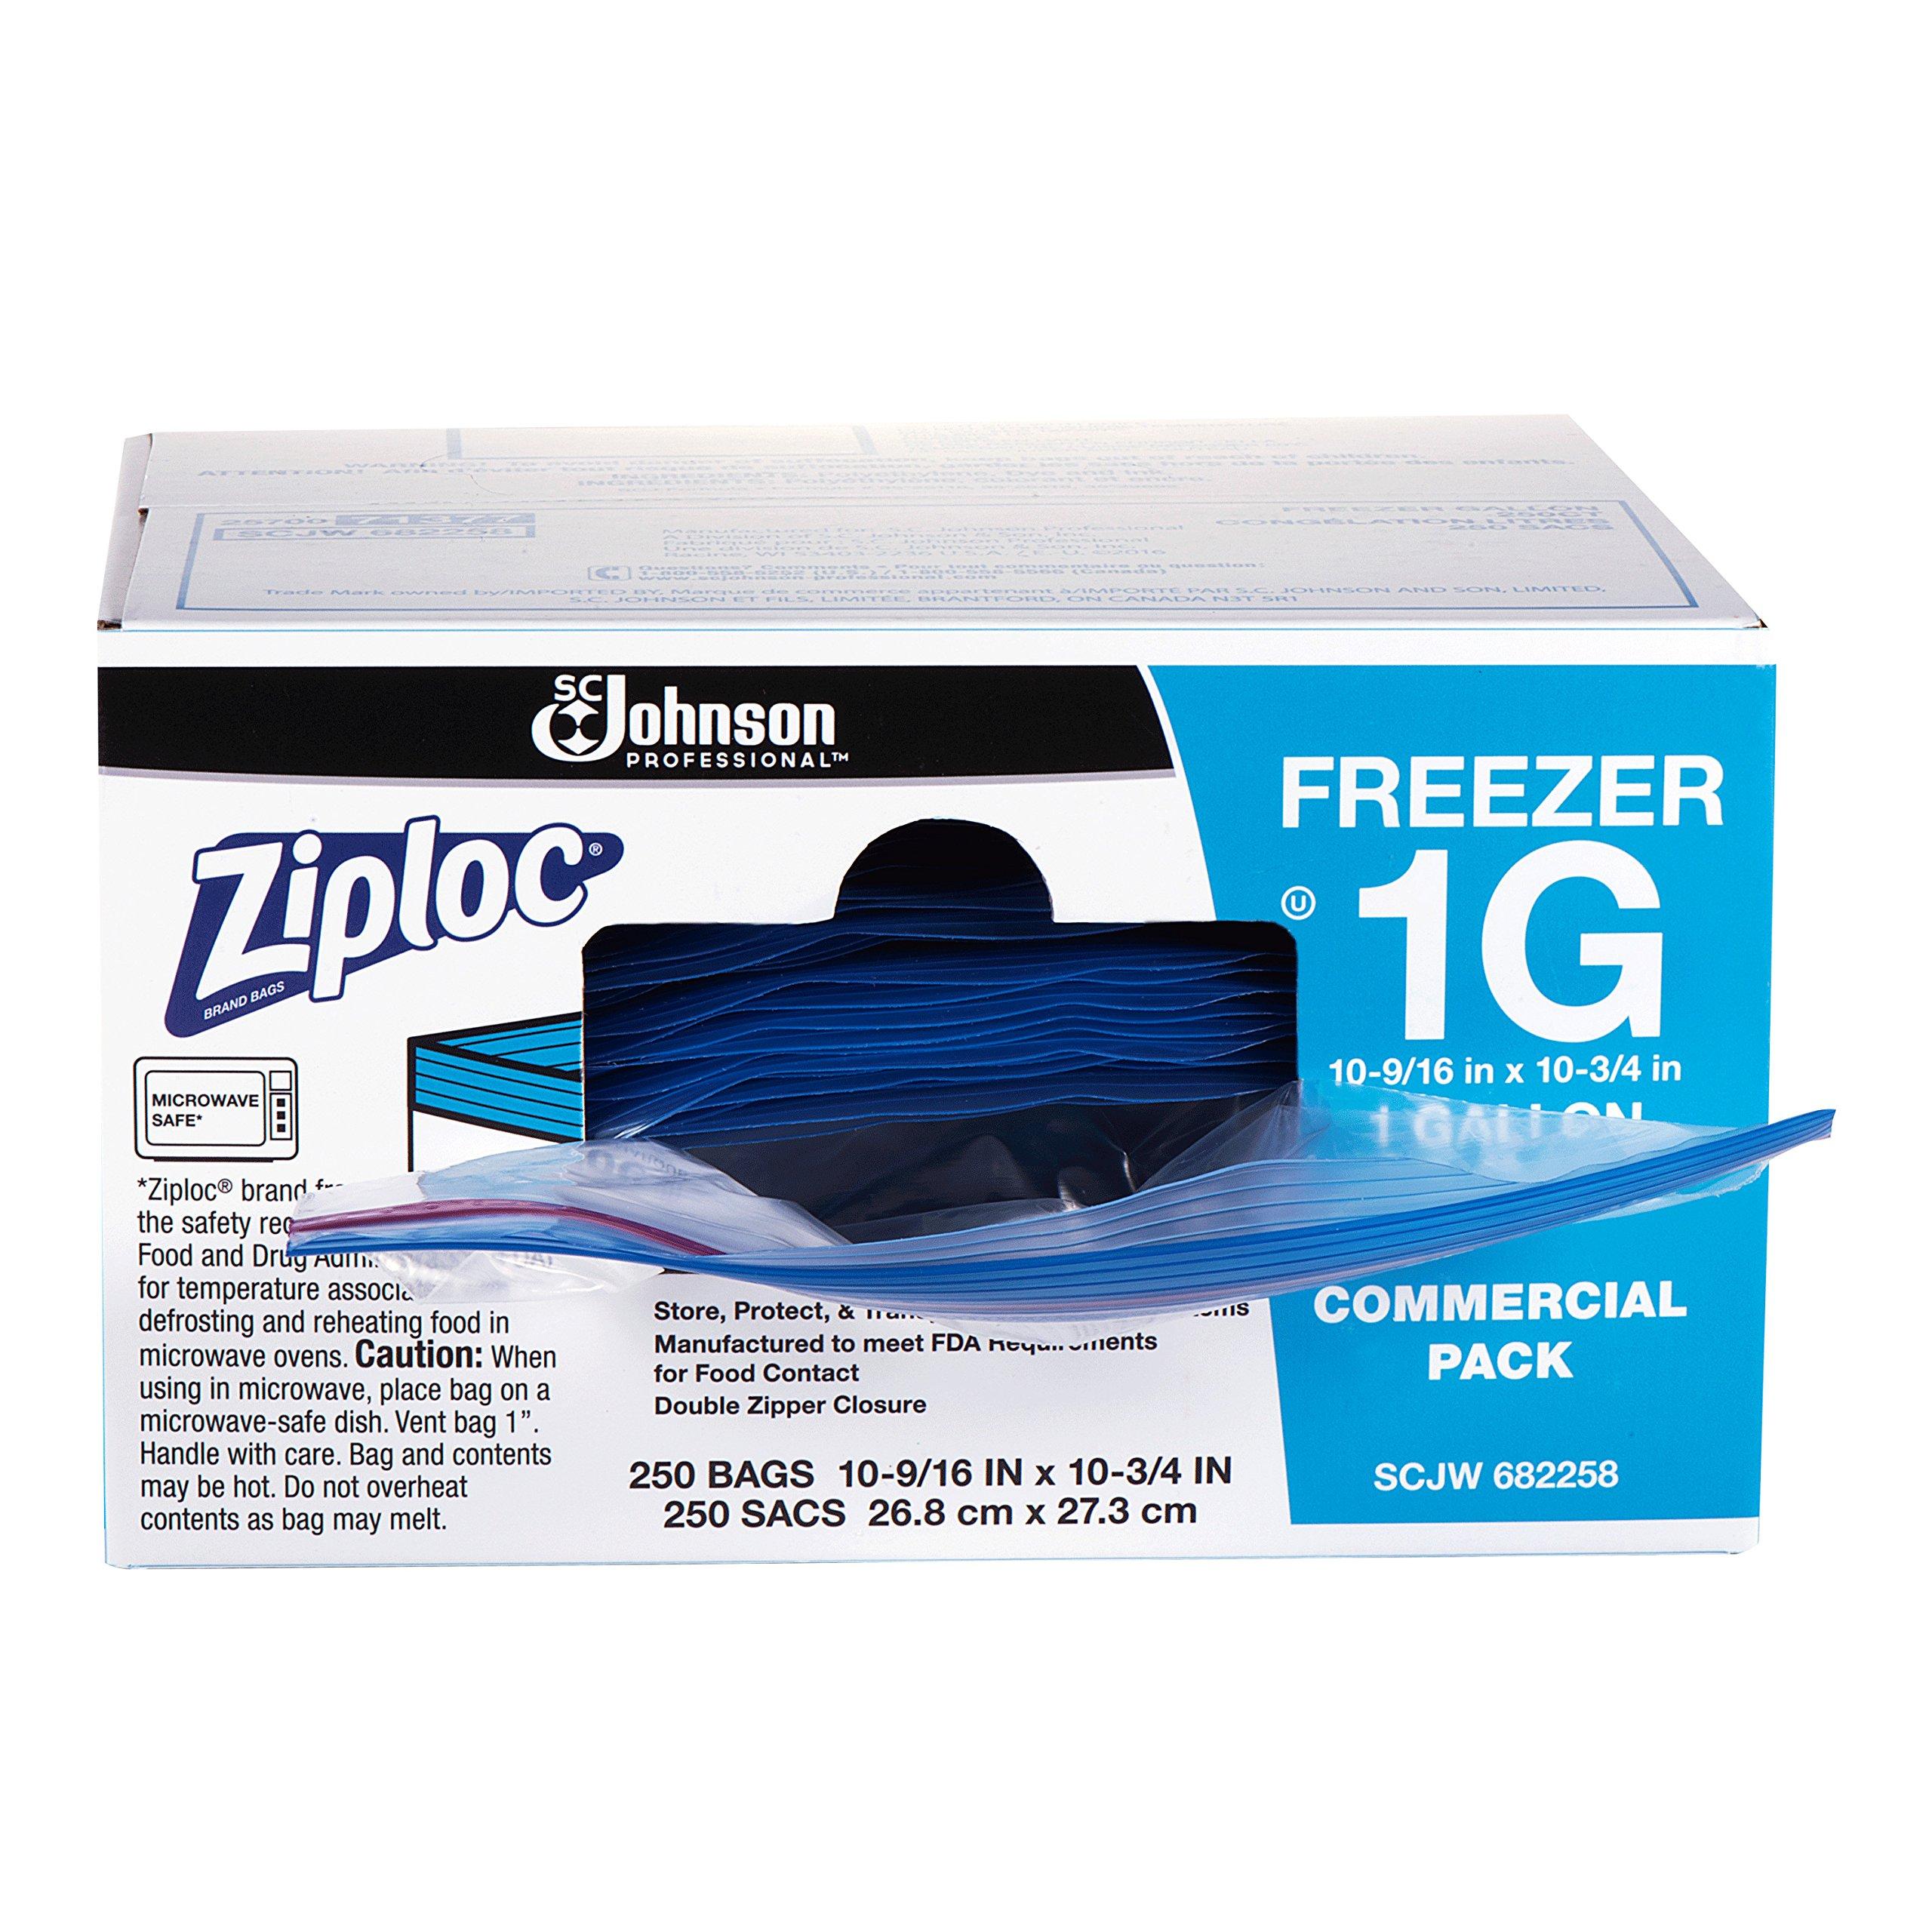 Ziploc Freezer Bag, Gallon, 250 Count by Ziploc